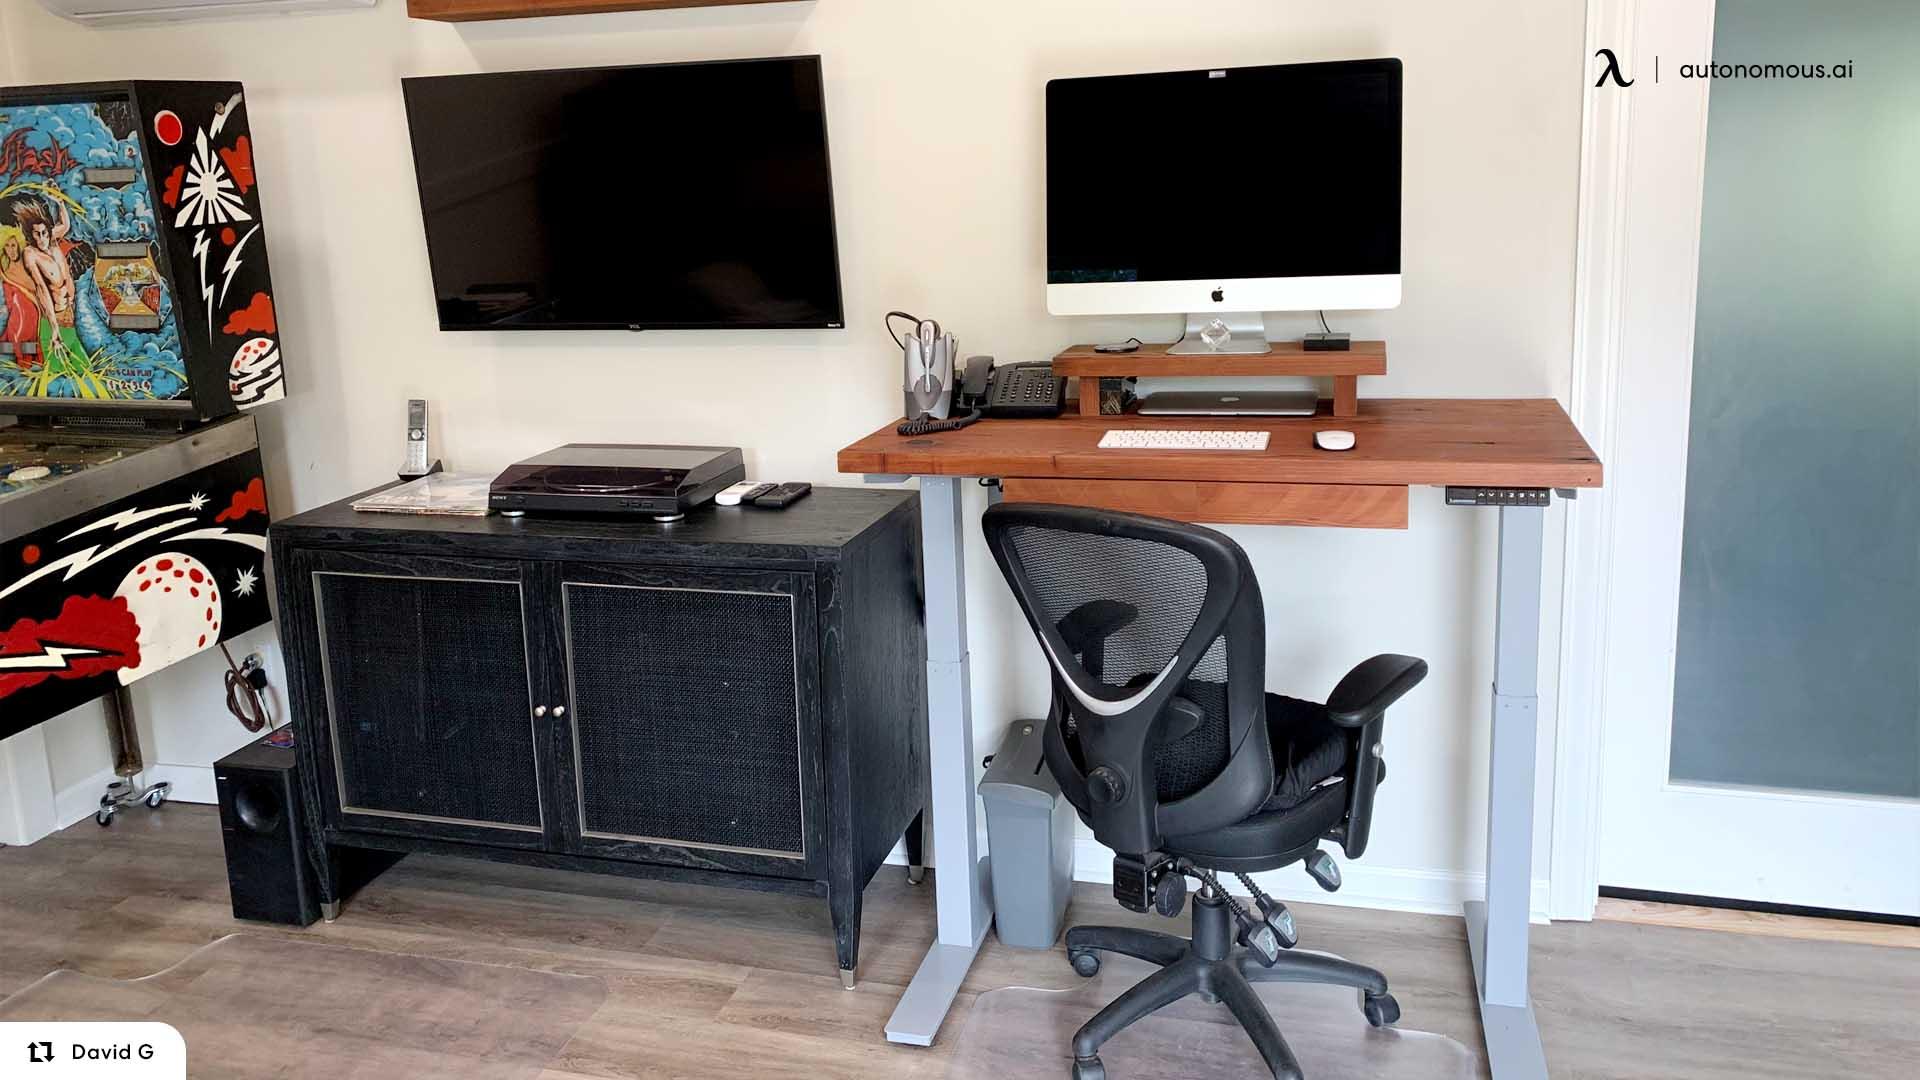 Using the DIY Standing Desk Kit